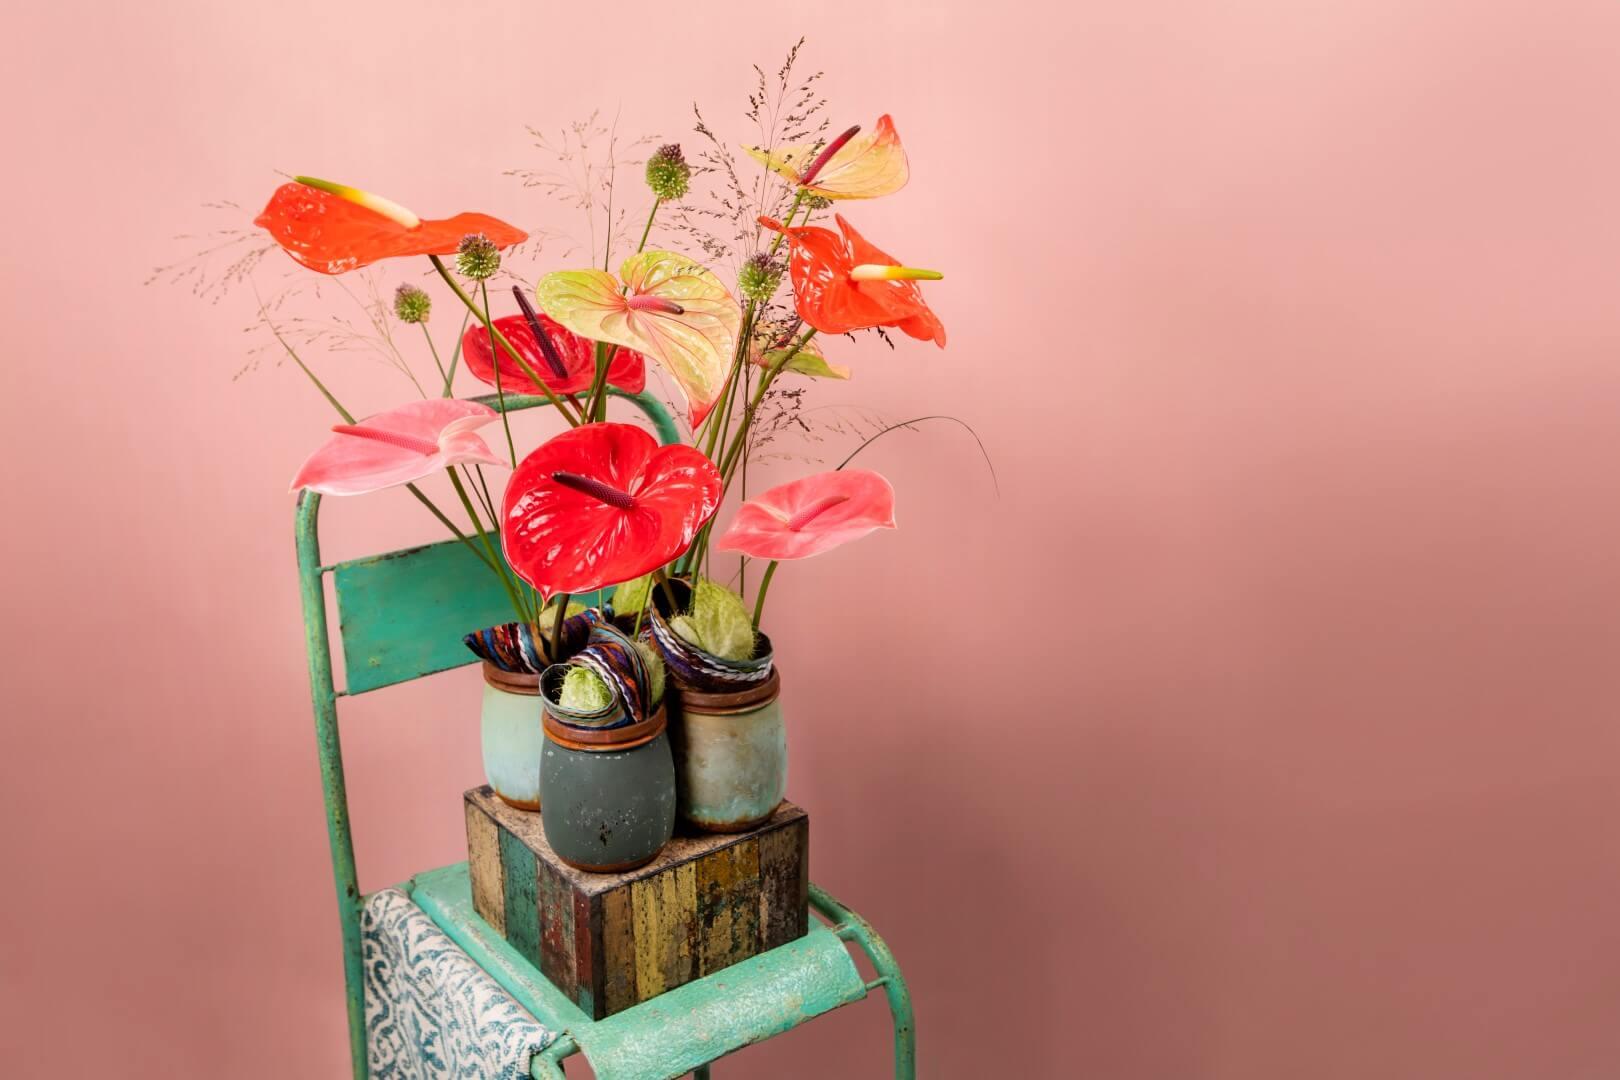 Réaliser une composition printanière colorée avec des anthuriums